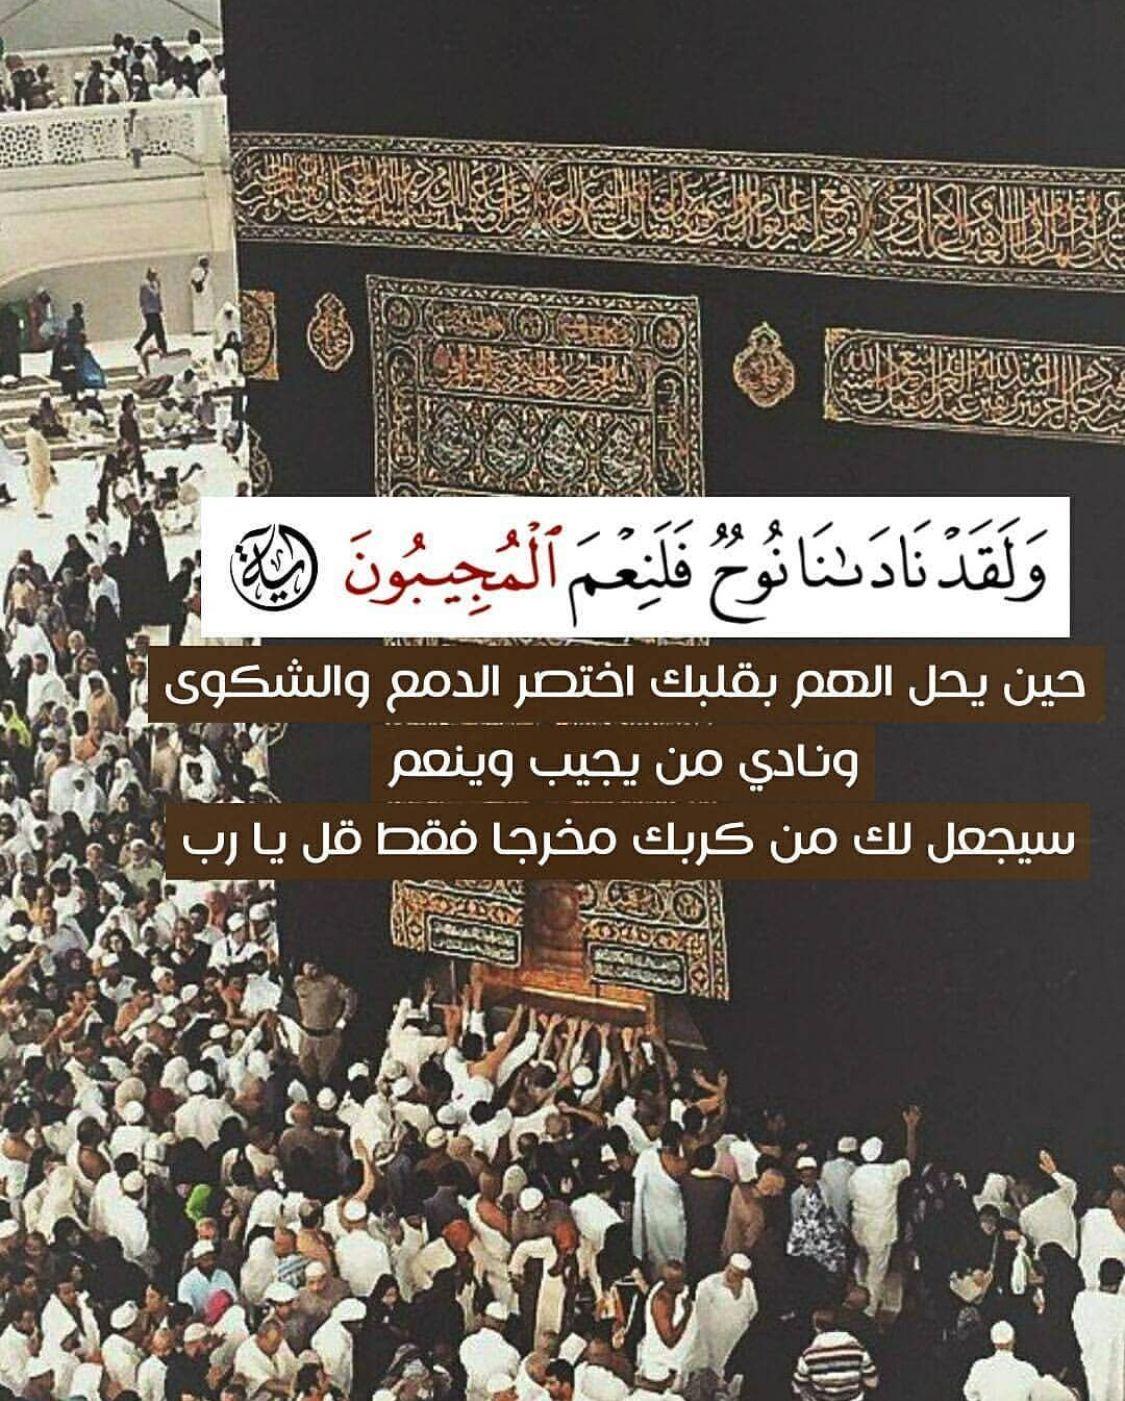 خواطر اسلامية تويتر Quran Book Quran Verses Islamic Information